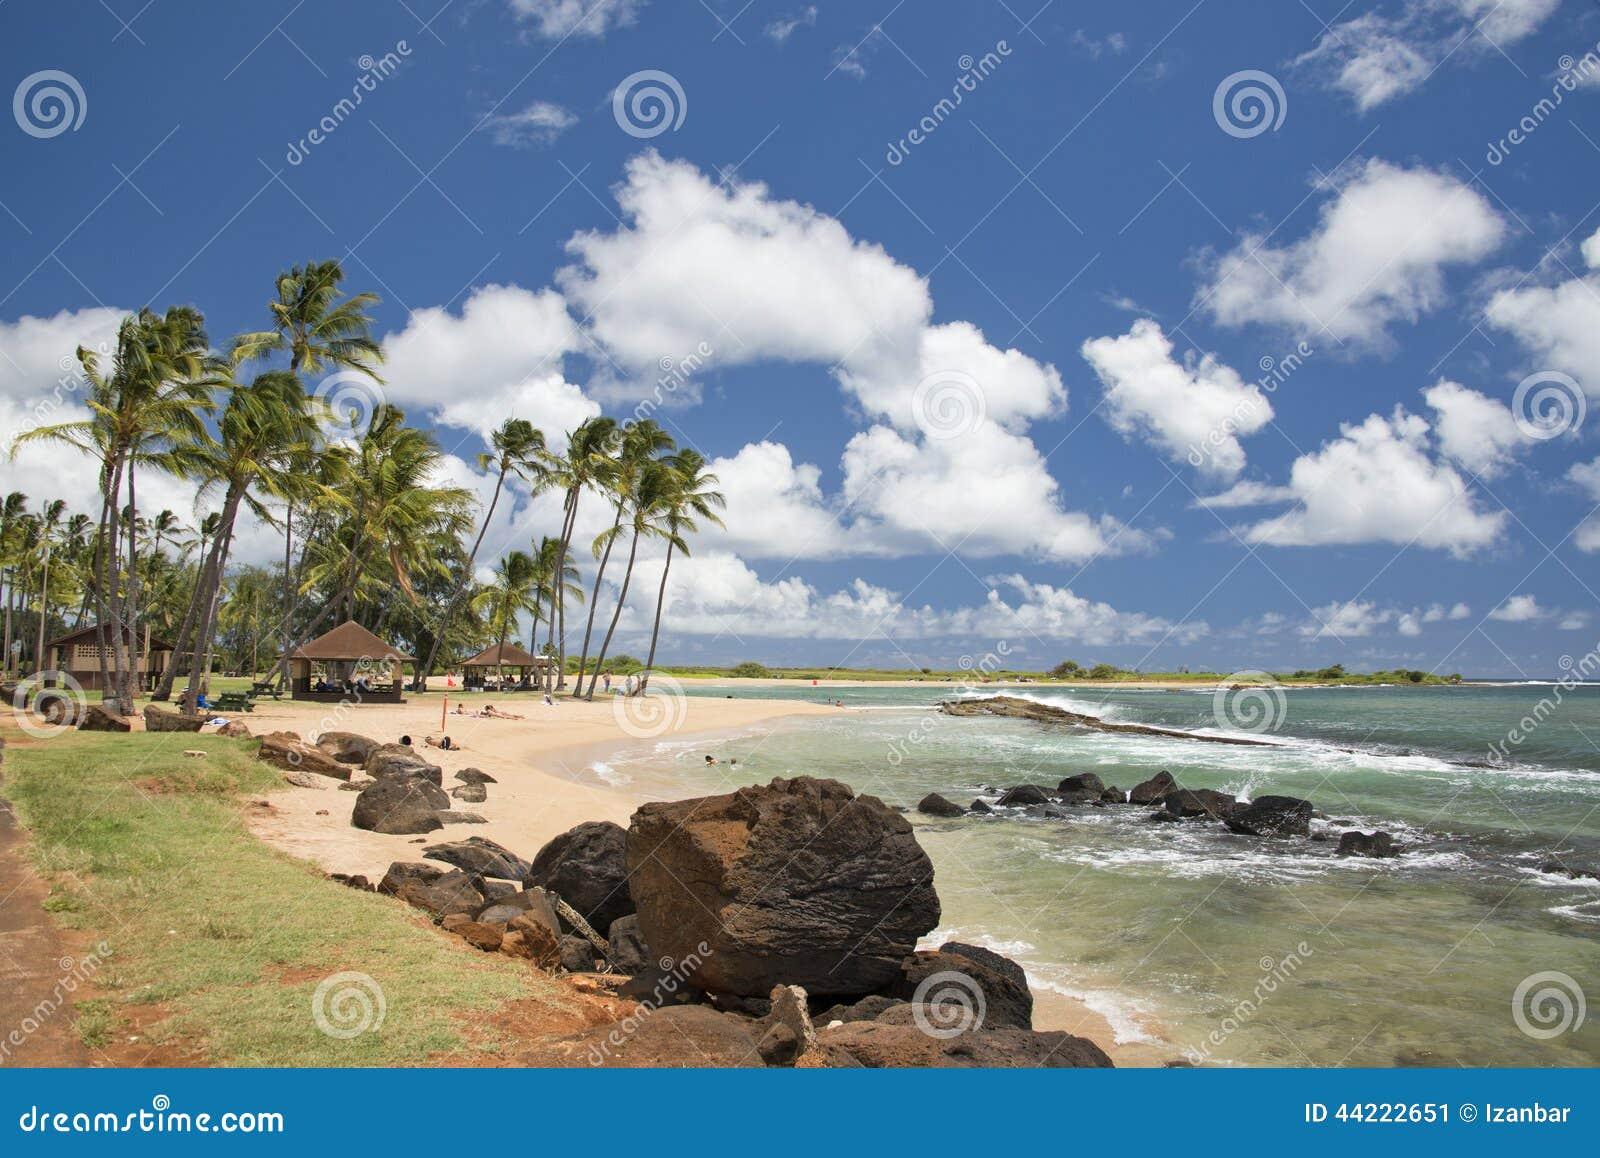 夏威夷Poipu海滩风景